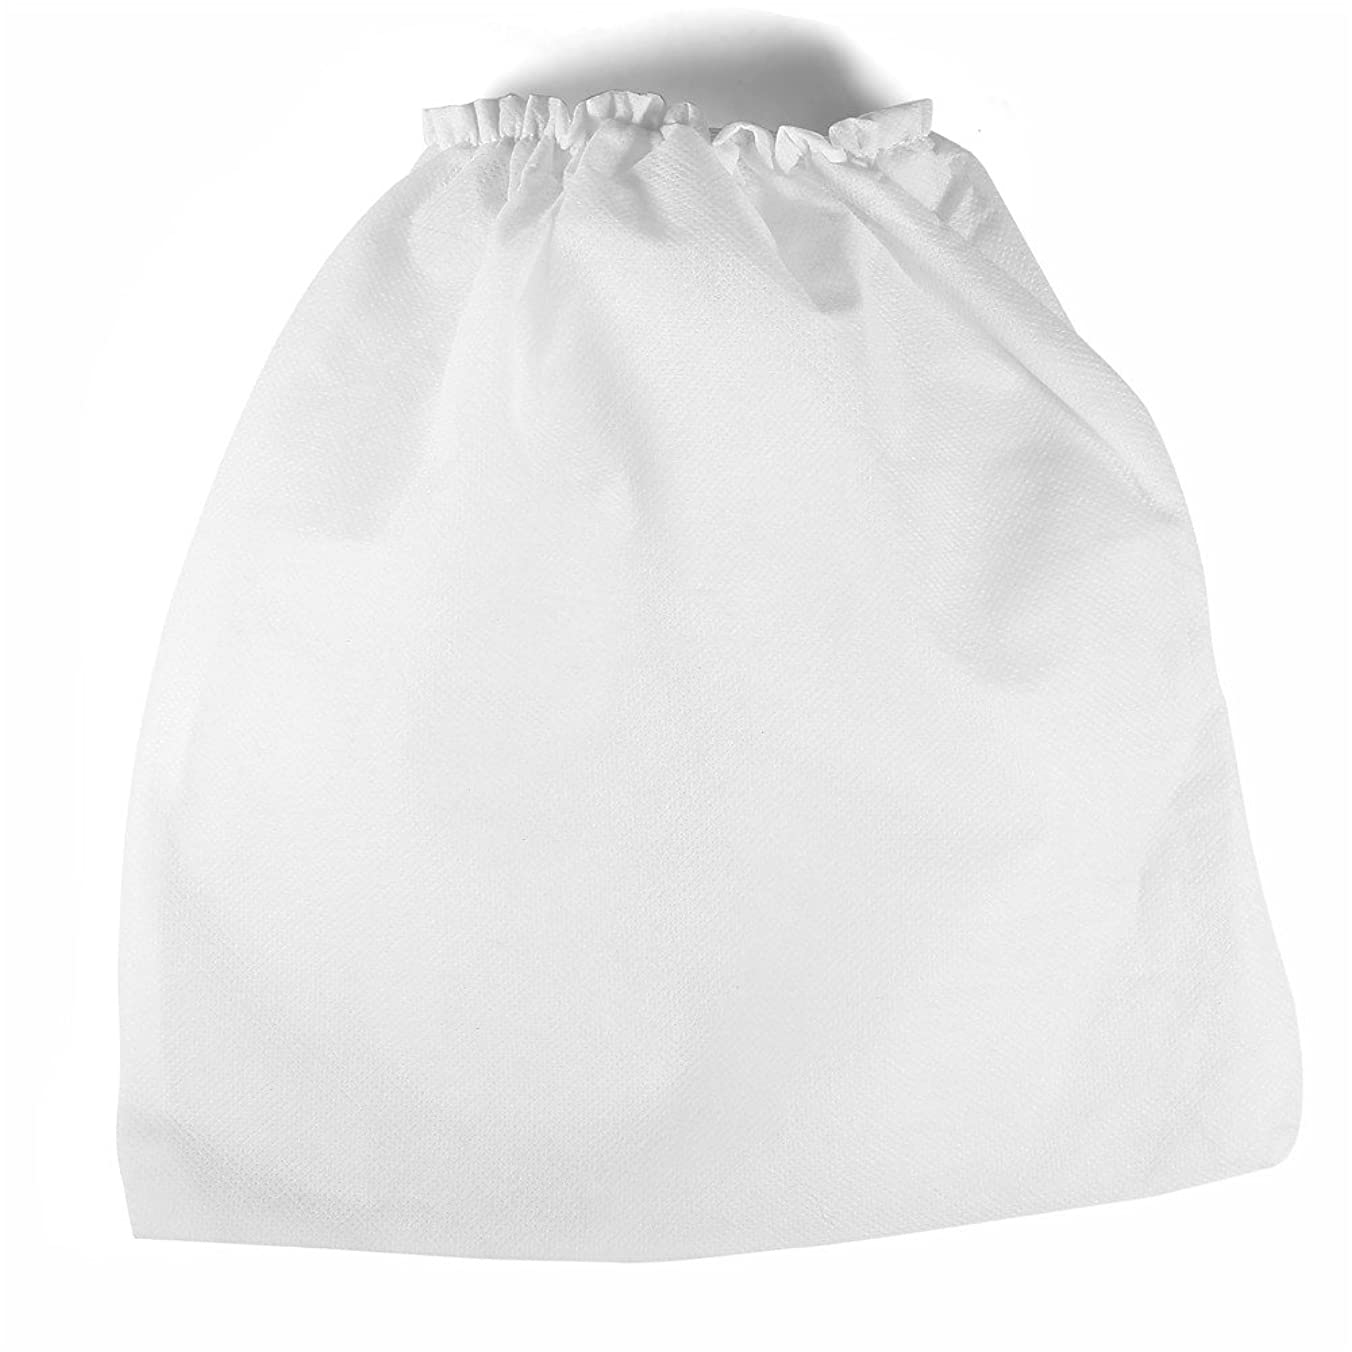 エクステント休日マトリックスネイル不織布掃除機 ストコレクター ネイルのほこりを吸って 収集袋10枚